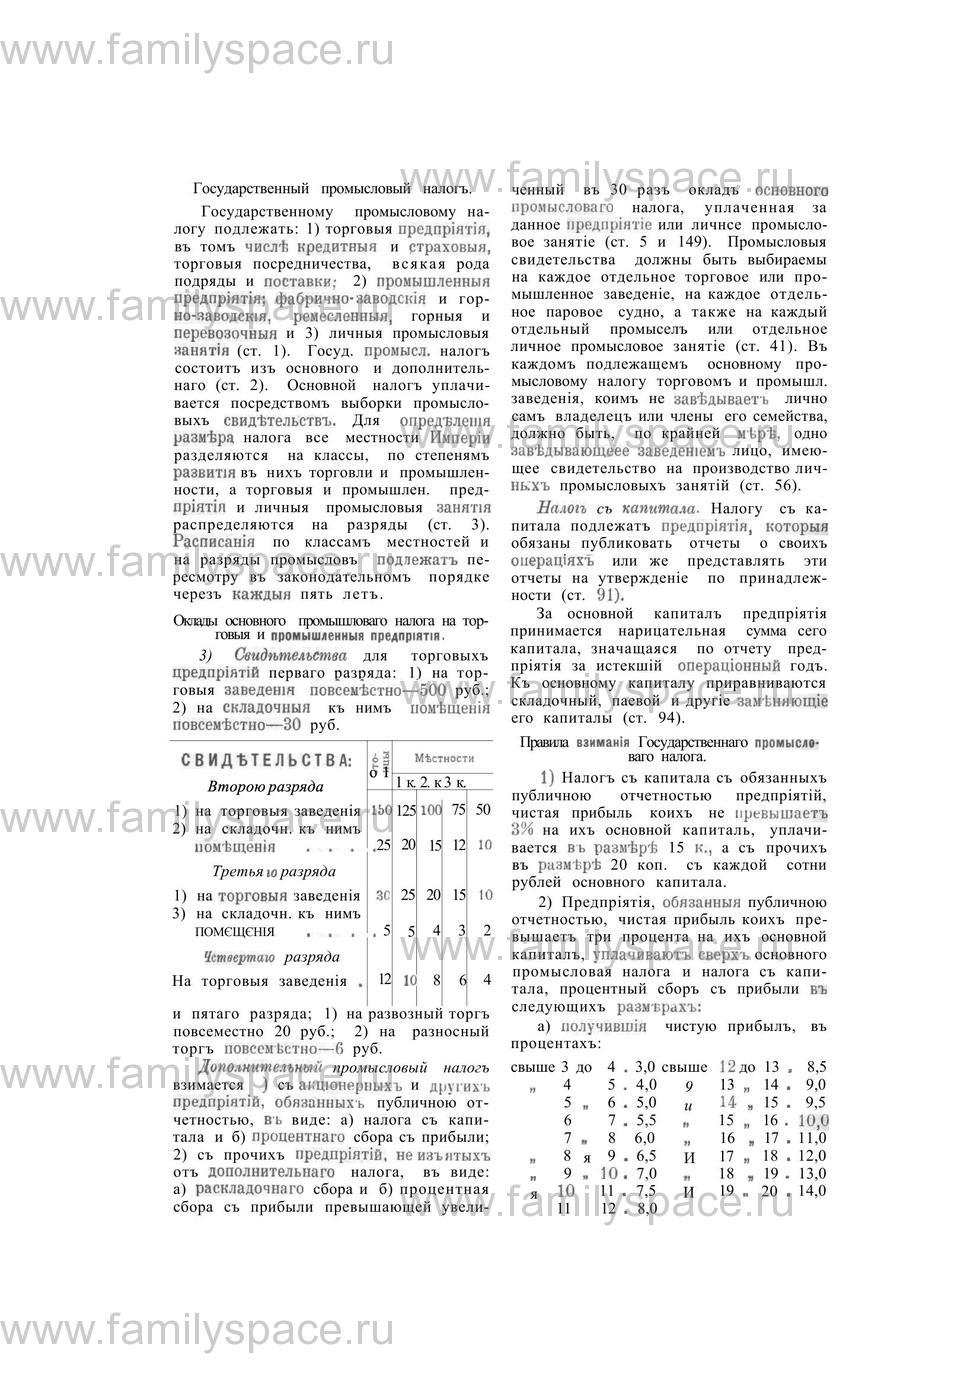 Поиск по фамилии - Екатеринославский адрес-календарь на 1913 год, страница 2052